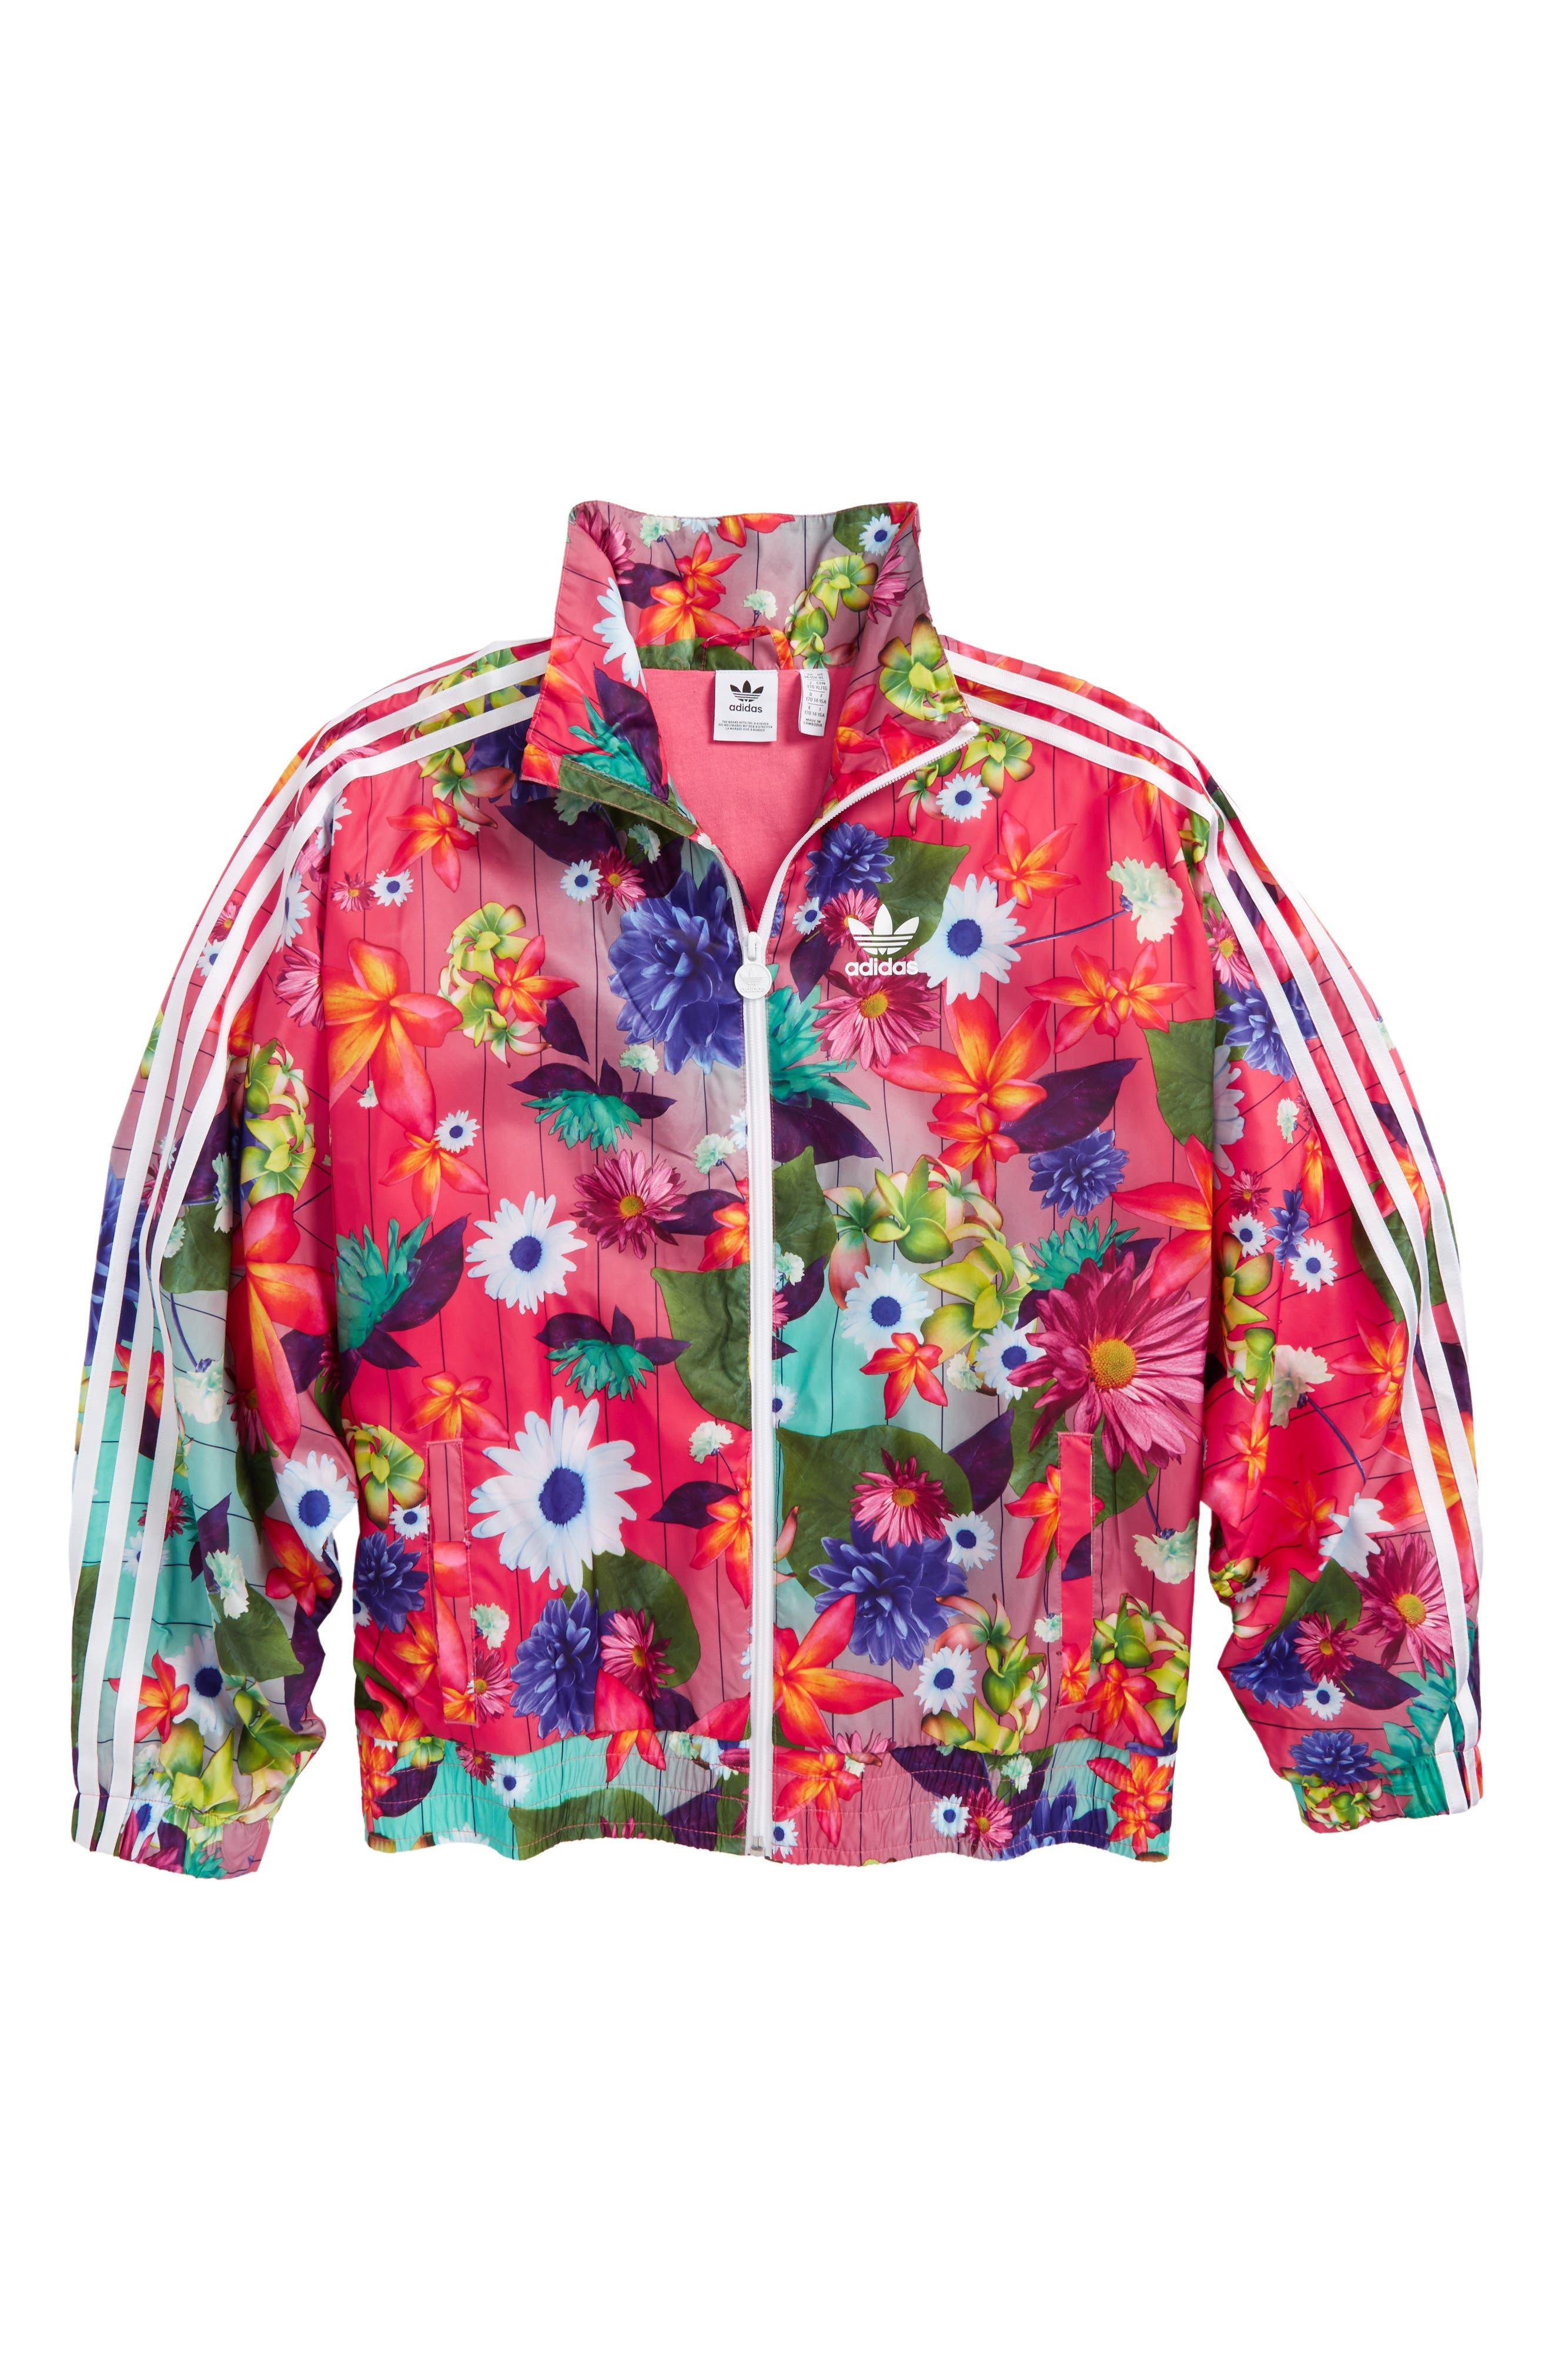 adidas Graphic Windbreaker Jacket,                         Main,                         color, Multicolor